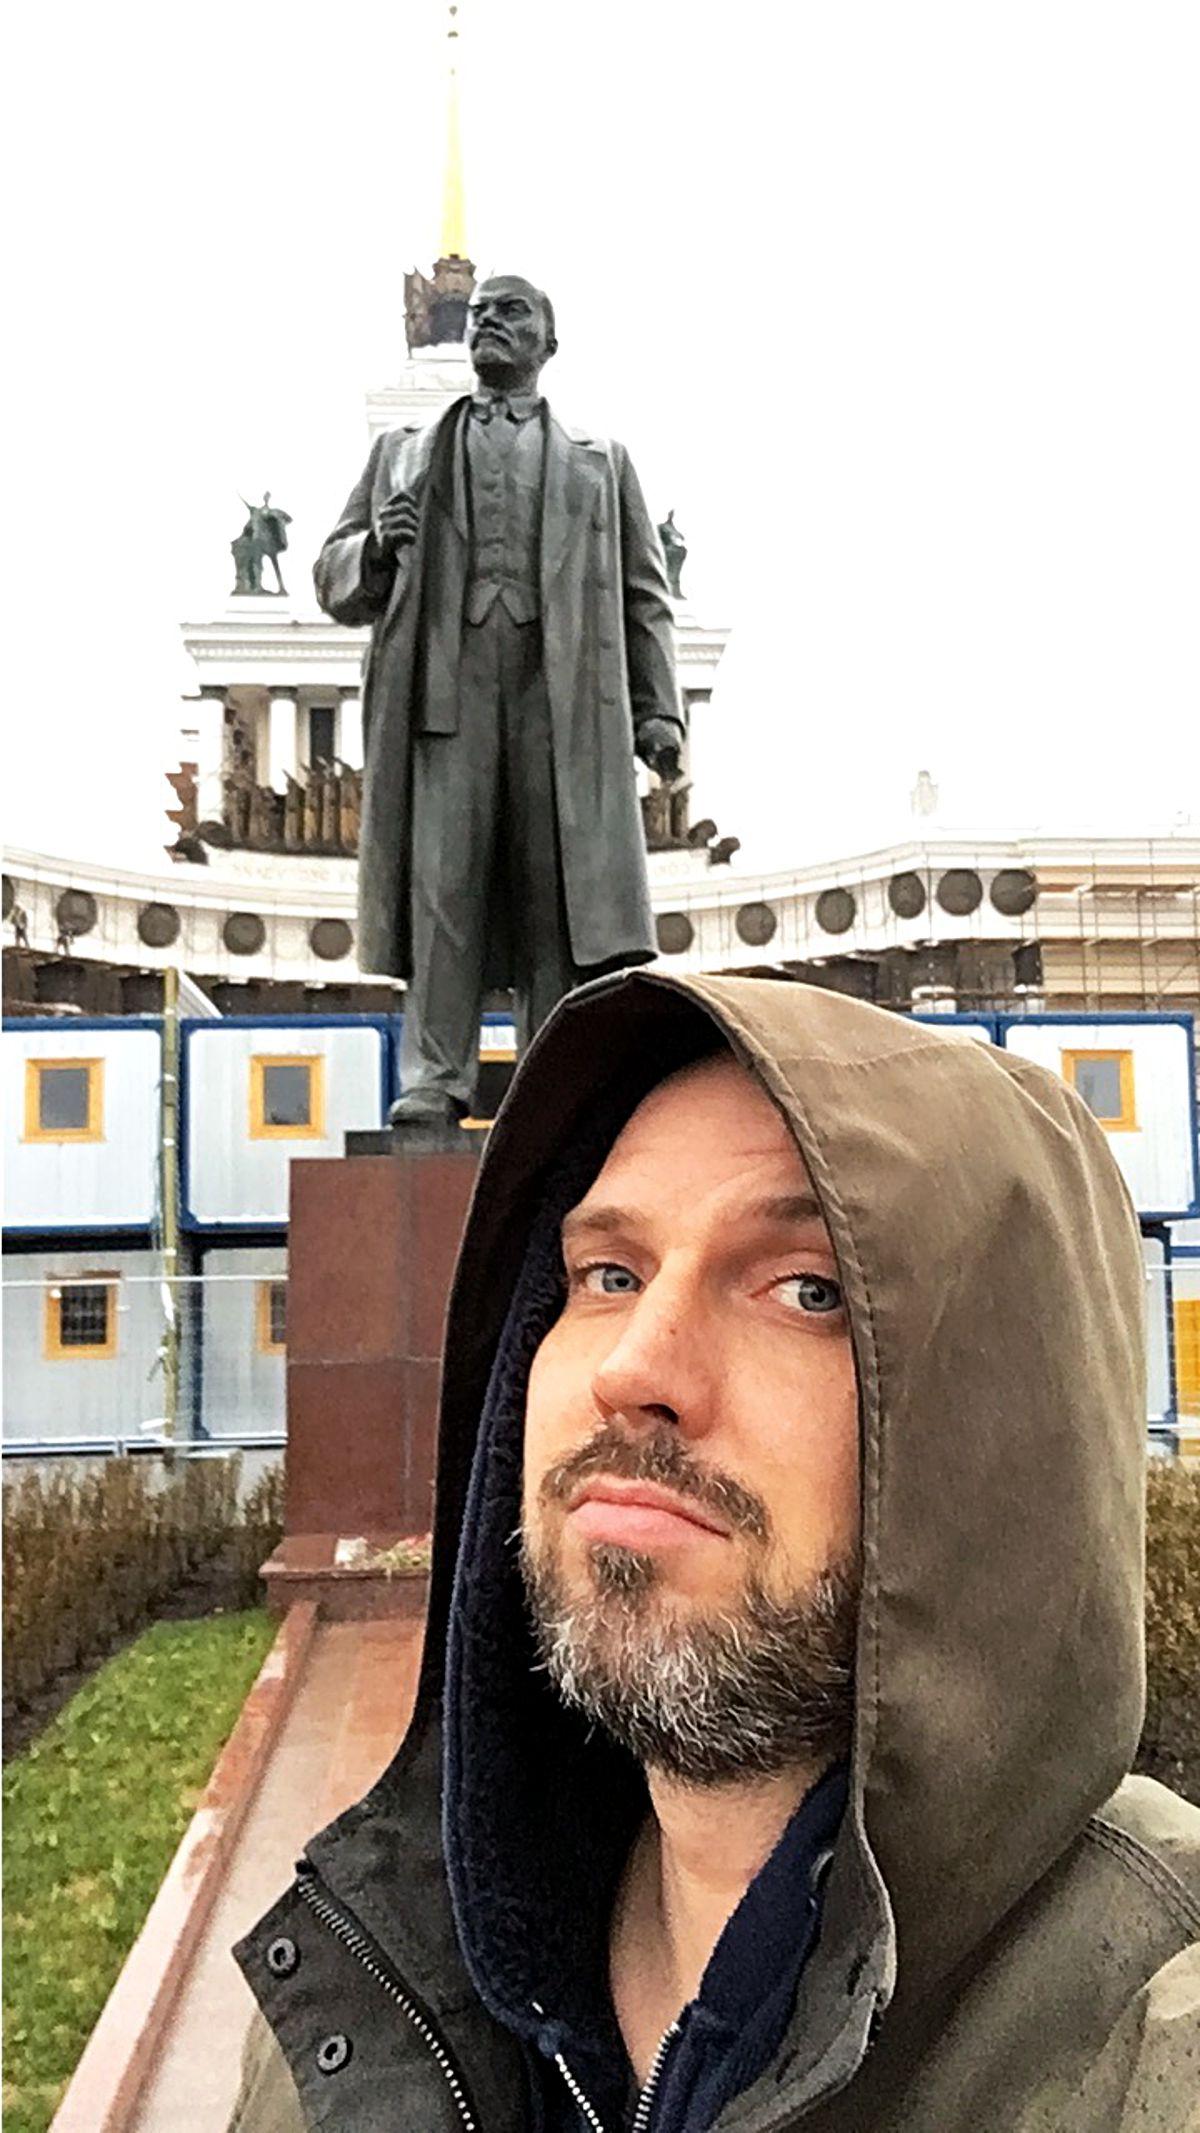 Lenin (hinten) und Rutin, wie ein Freund Mark W. einmal sagte - schlechte Wortspiele erfinde ich nicht nur selber. (Foto: Ruti)